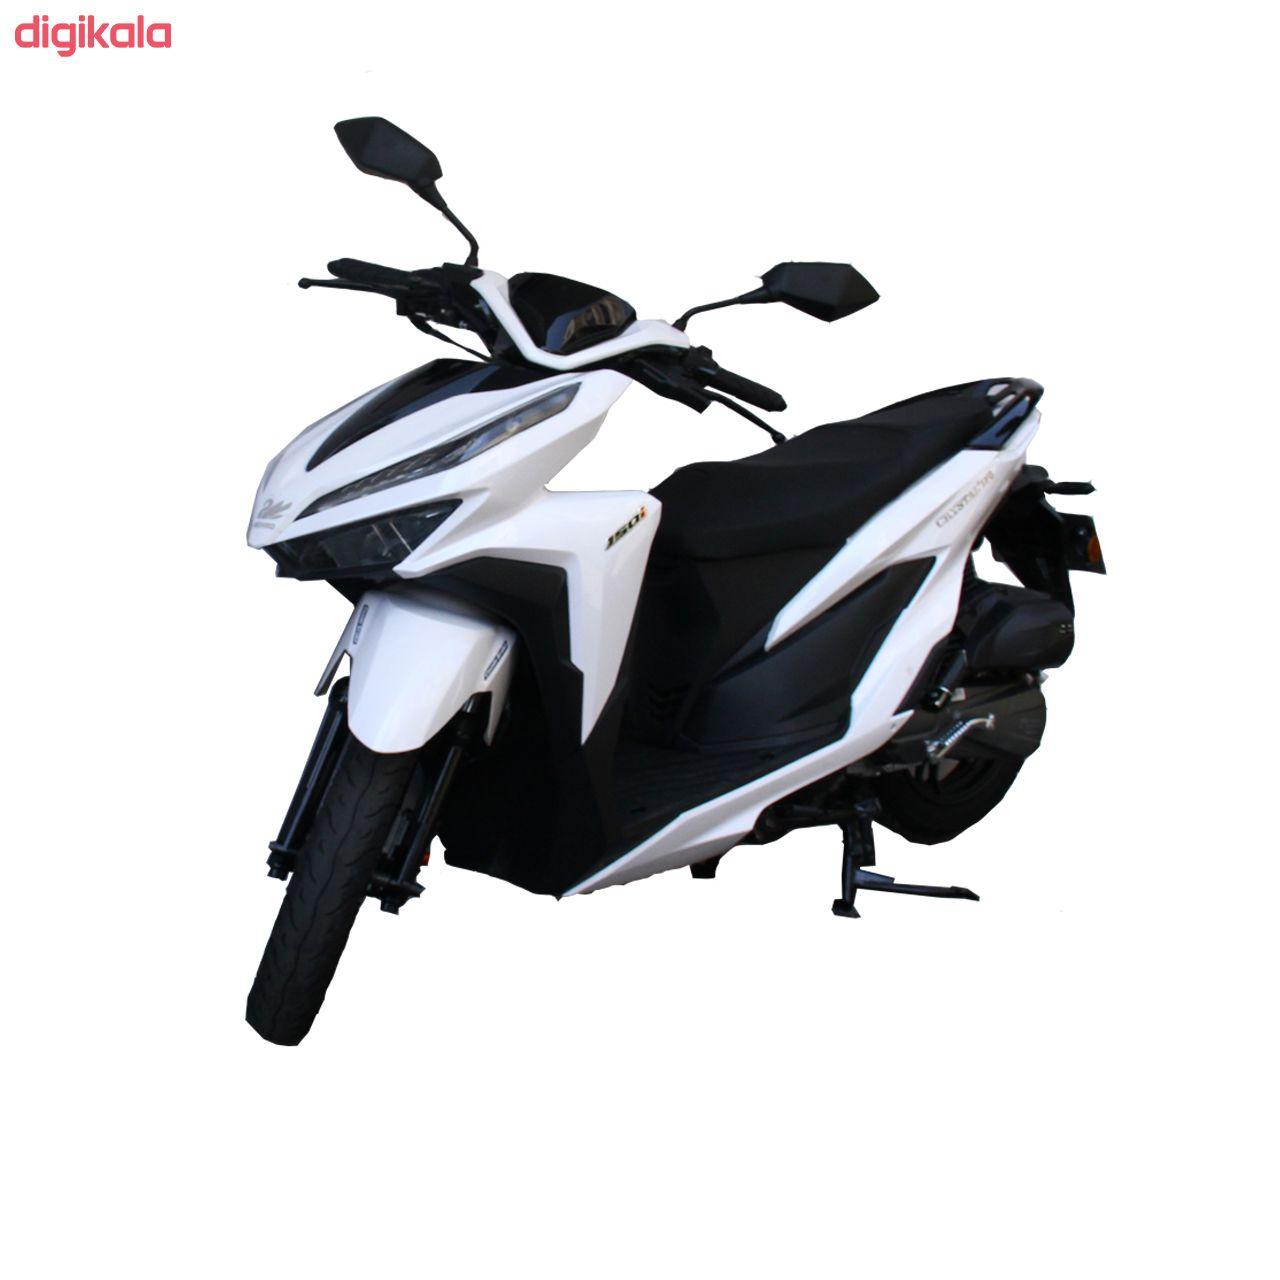 موتورسیکلت های کلیک مدل کریستال 125 سی سی سال 1399 main 1 1